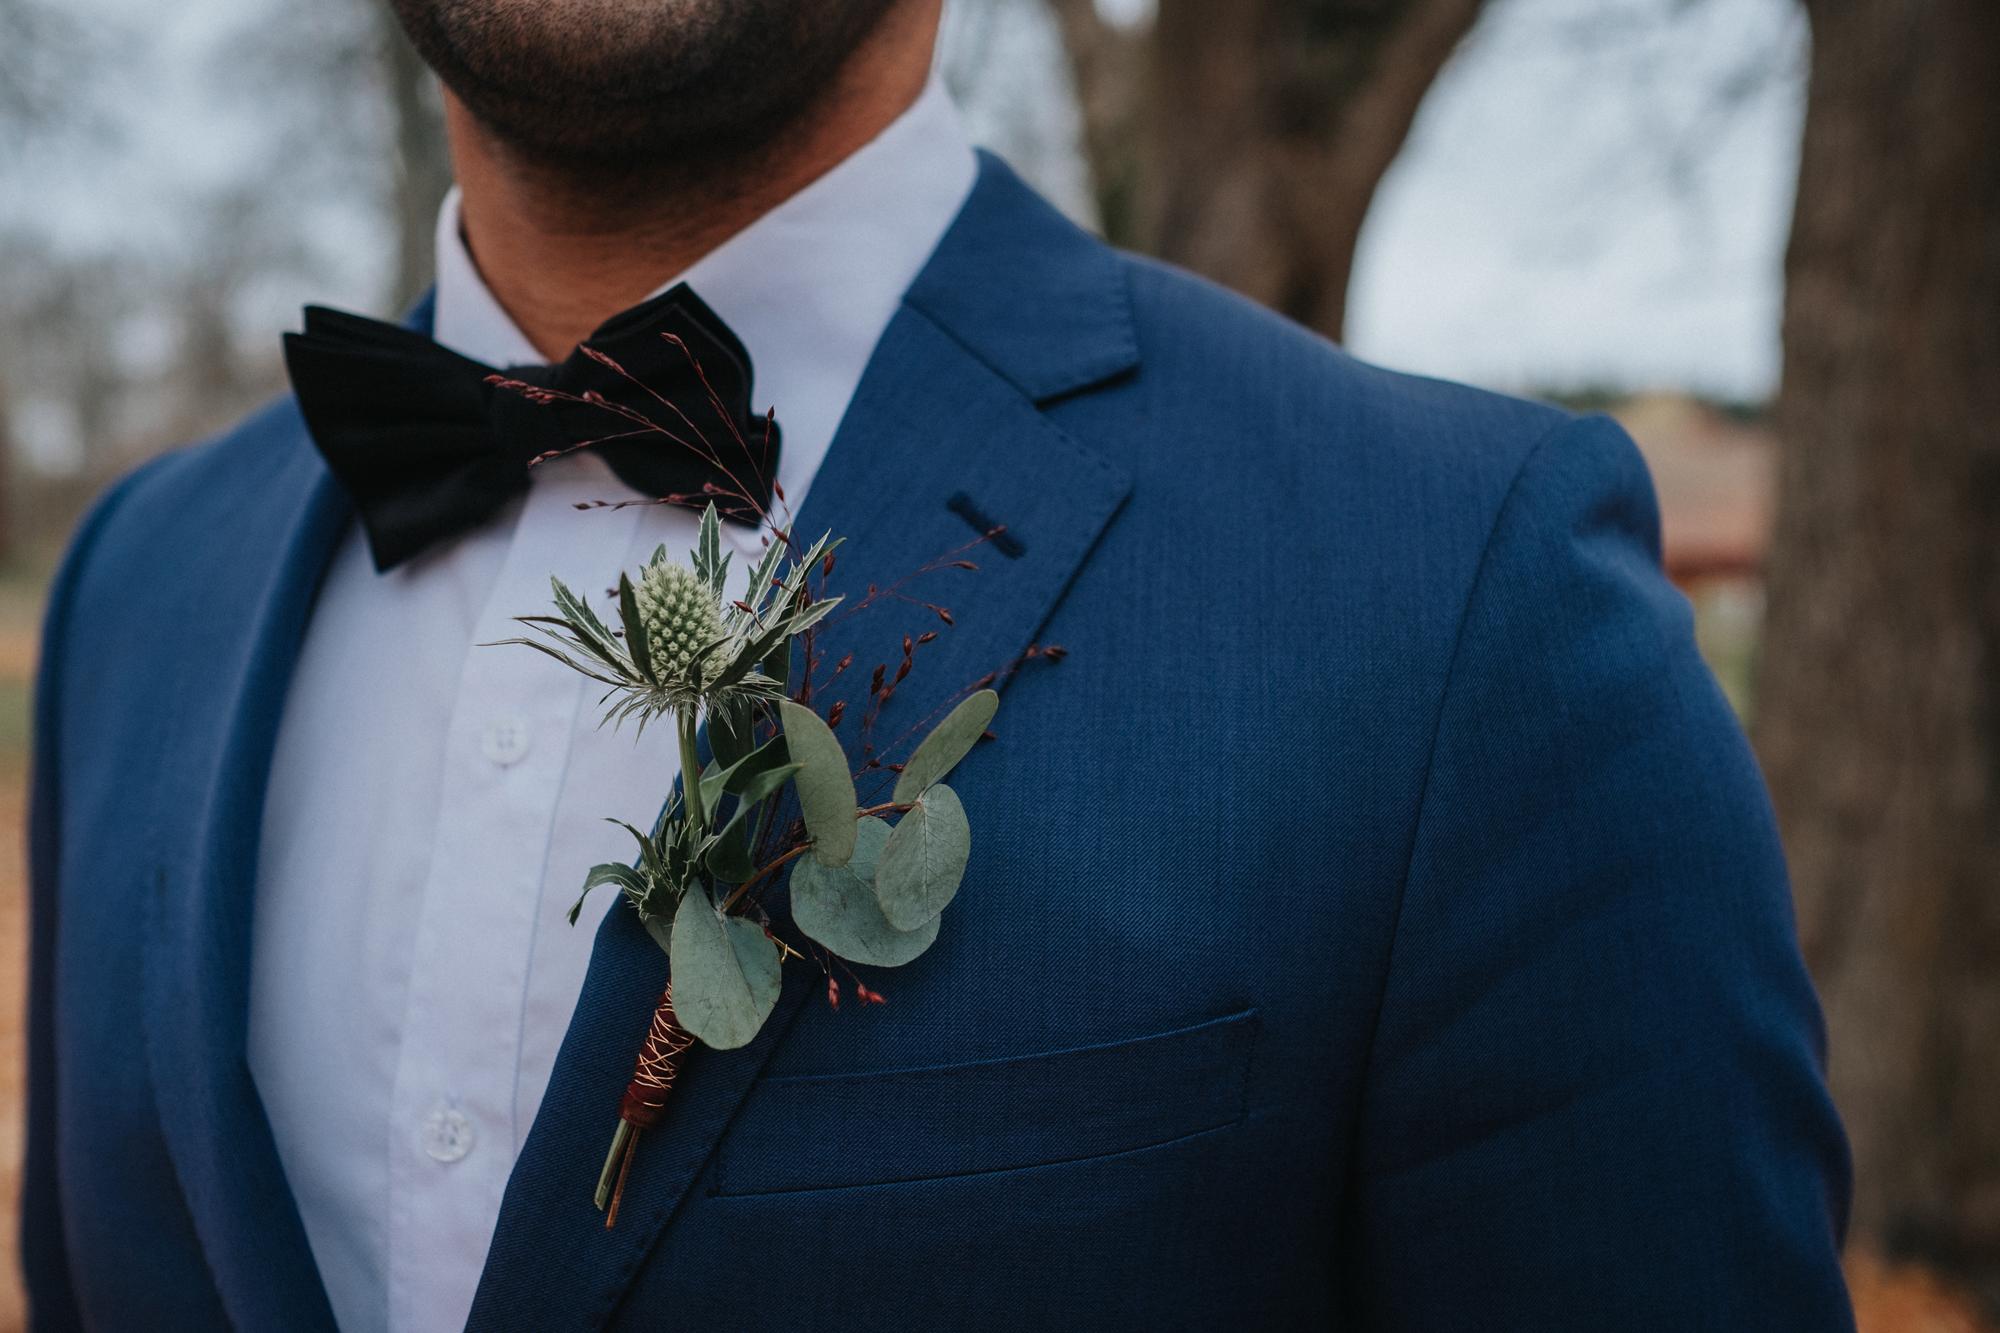 025-bröllopsfotograf-uppsala-neas-fotografi.jpg